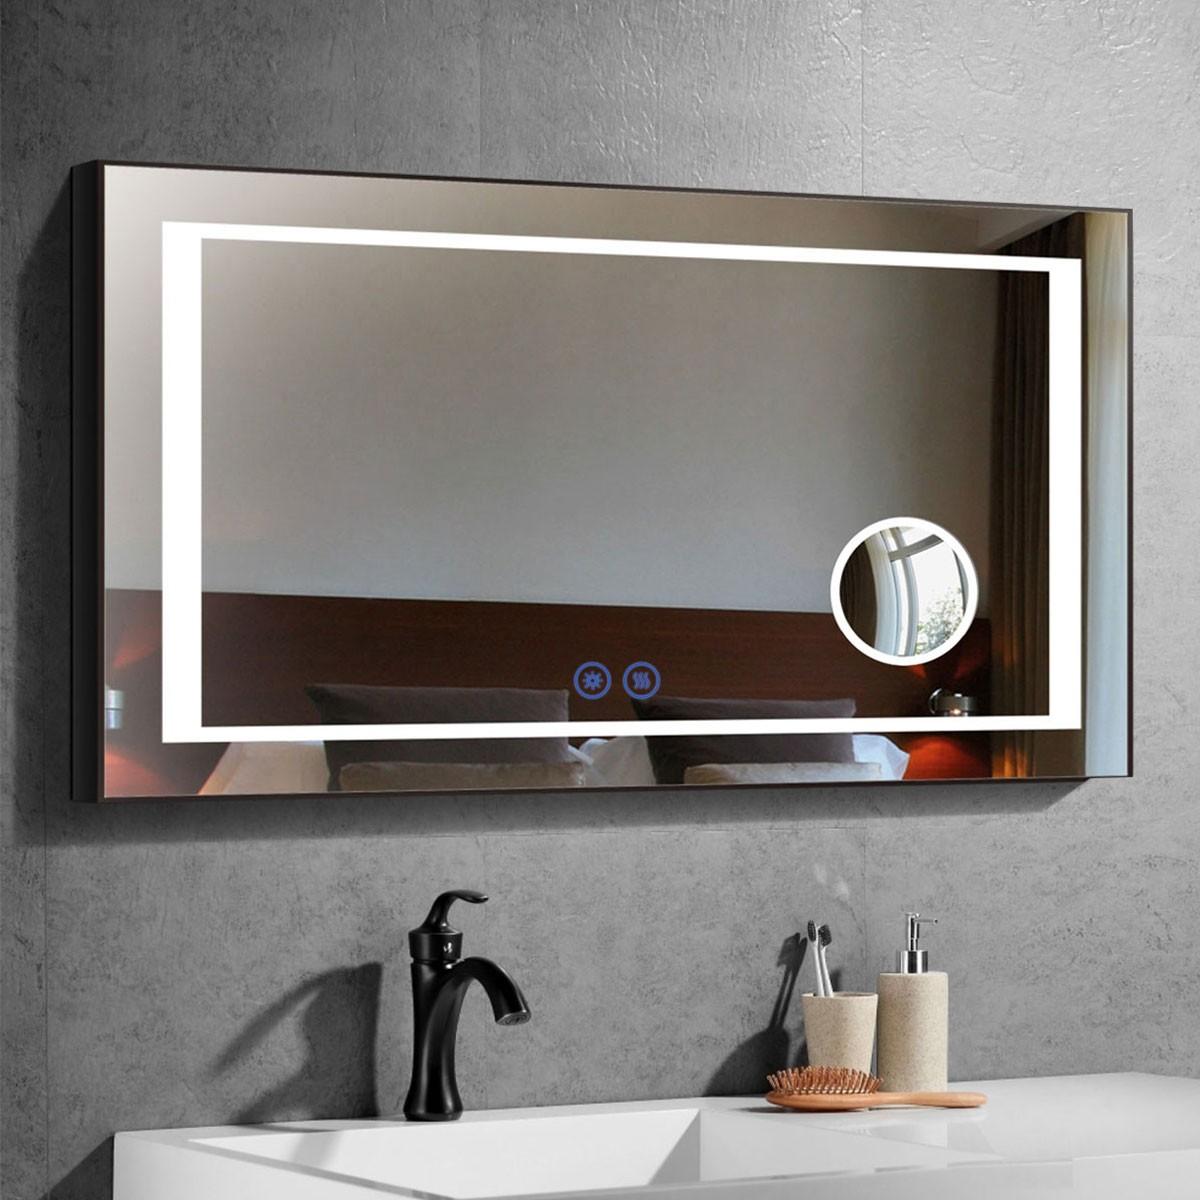 DECORAPORT 48 x 28 Po Miroir de Salle de Bain LED/Miroir Chambre avec Bouton Tactile, Loupe, Anti-Buée, Luminosité Réglable, Montage Vertical & Horizontal (KT08-4828)